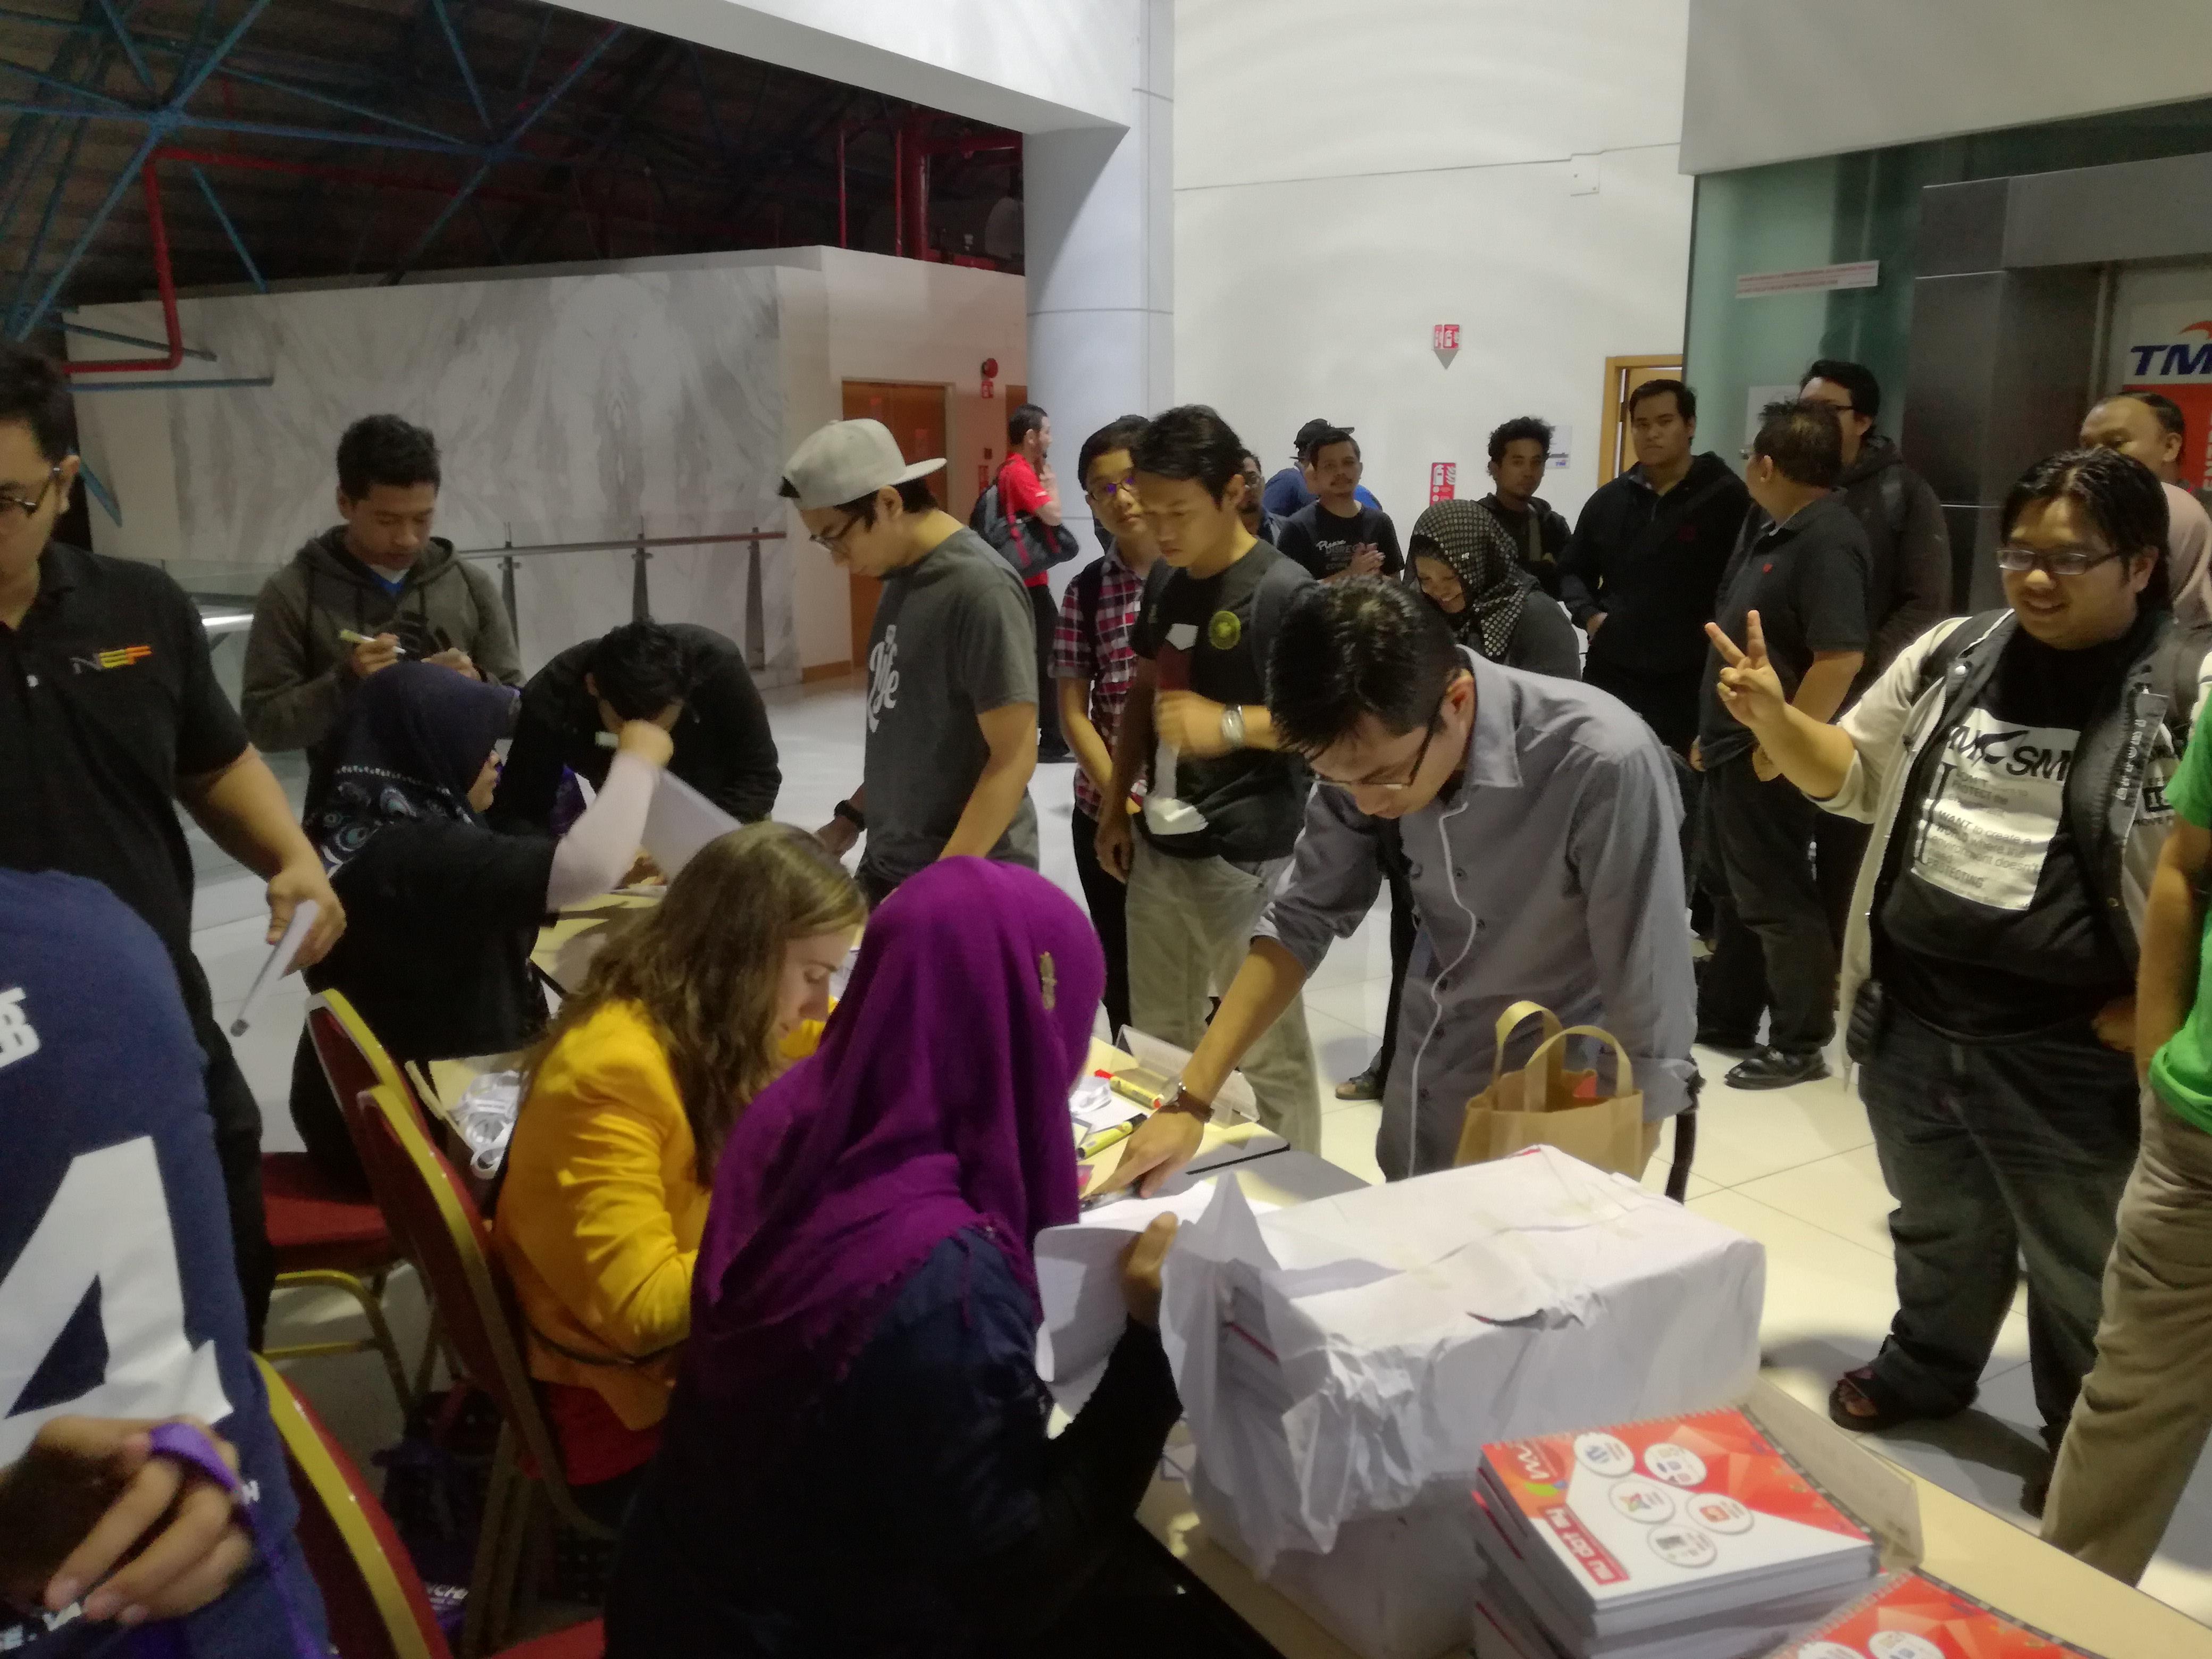 Sekitar pendaftaran dibantu oleh team Stampeded